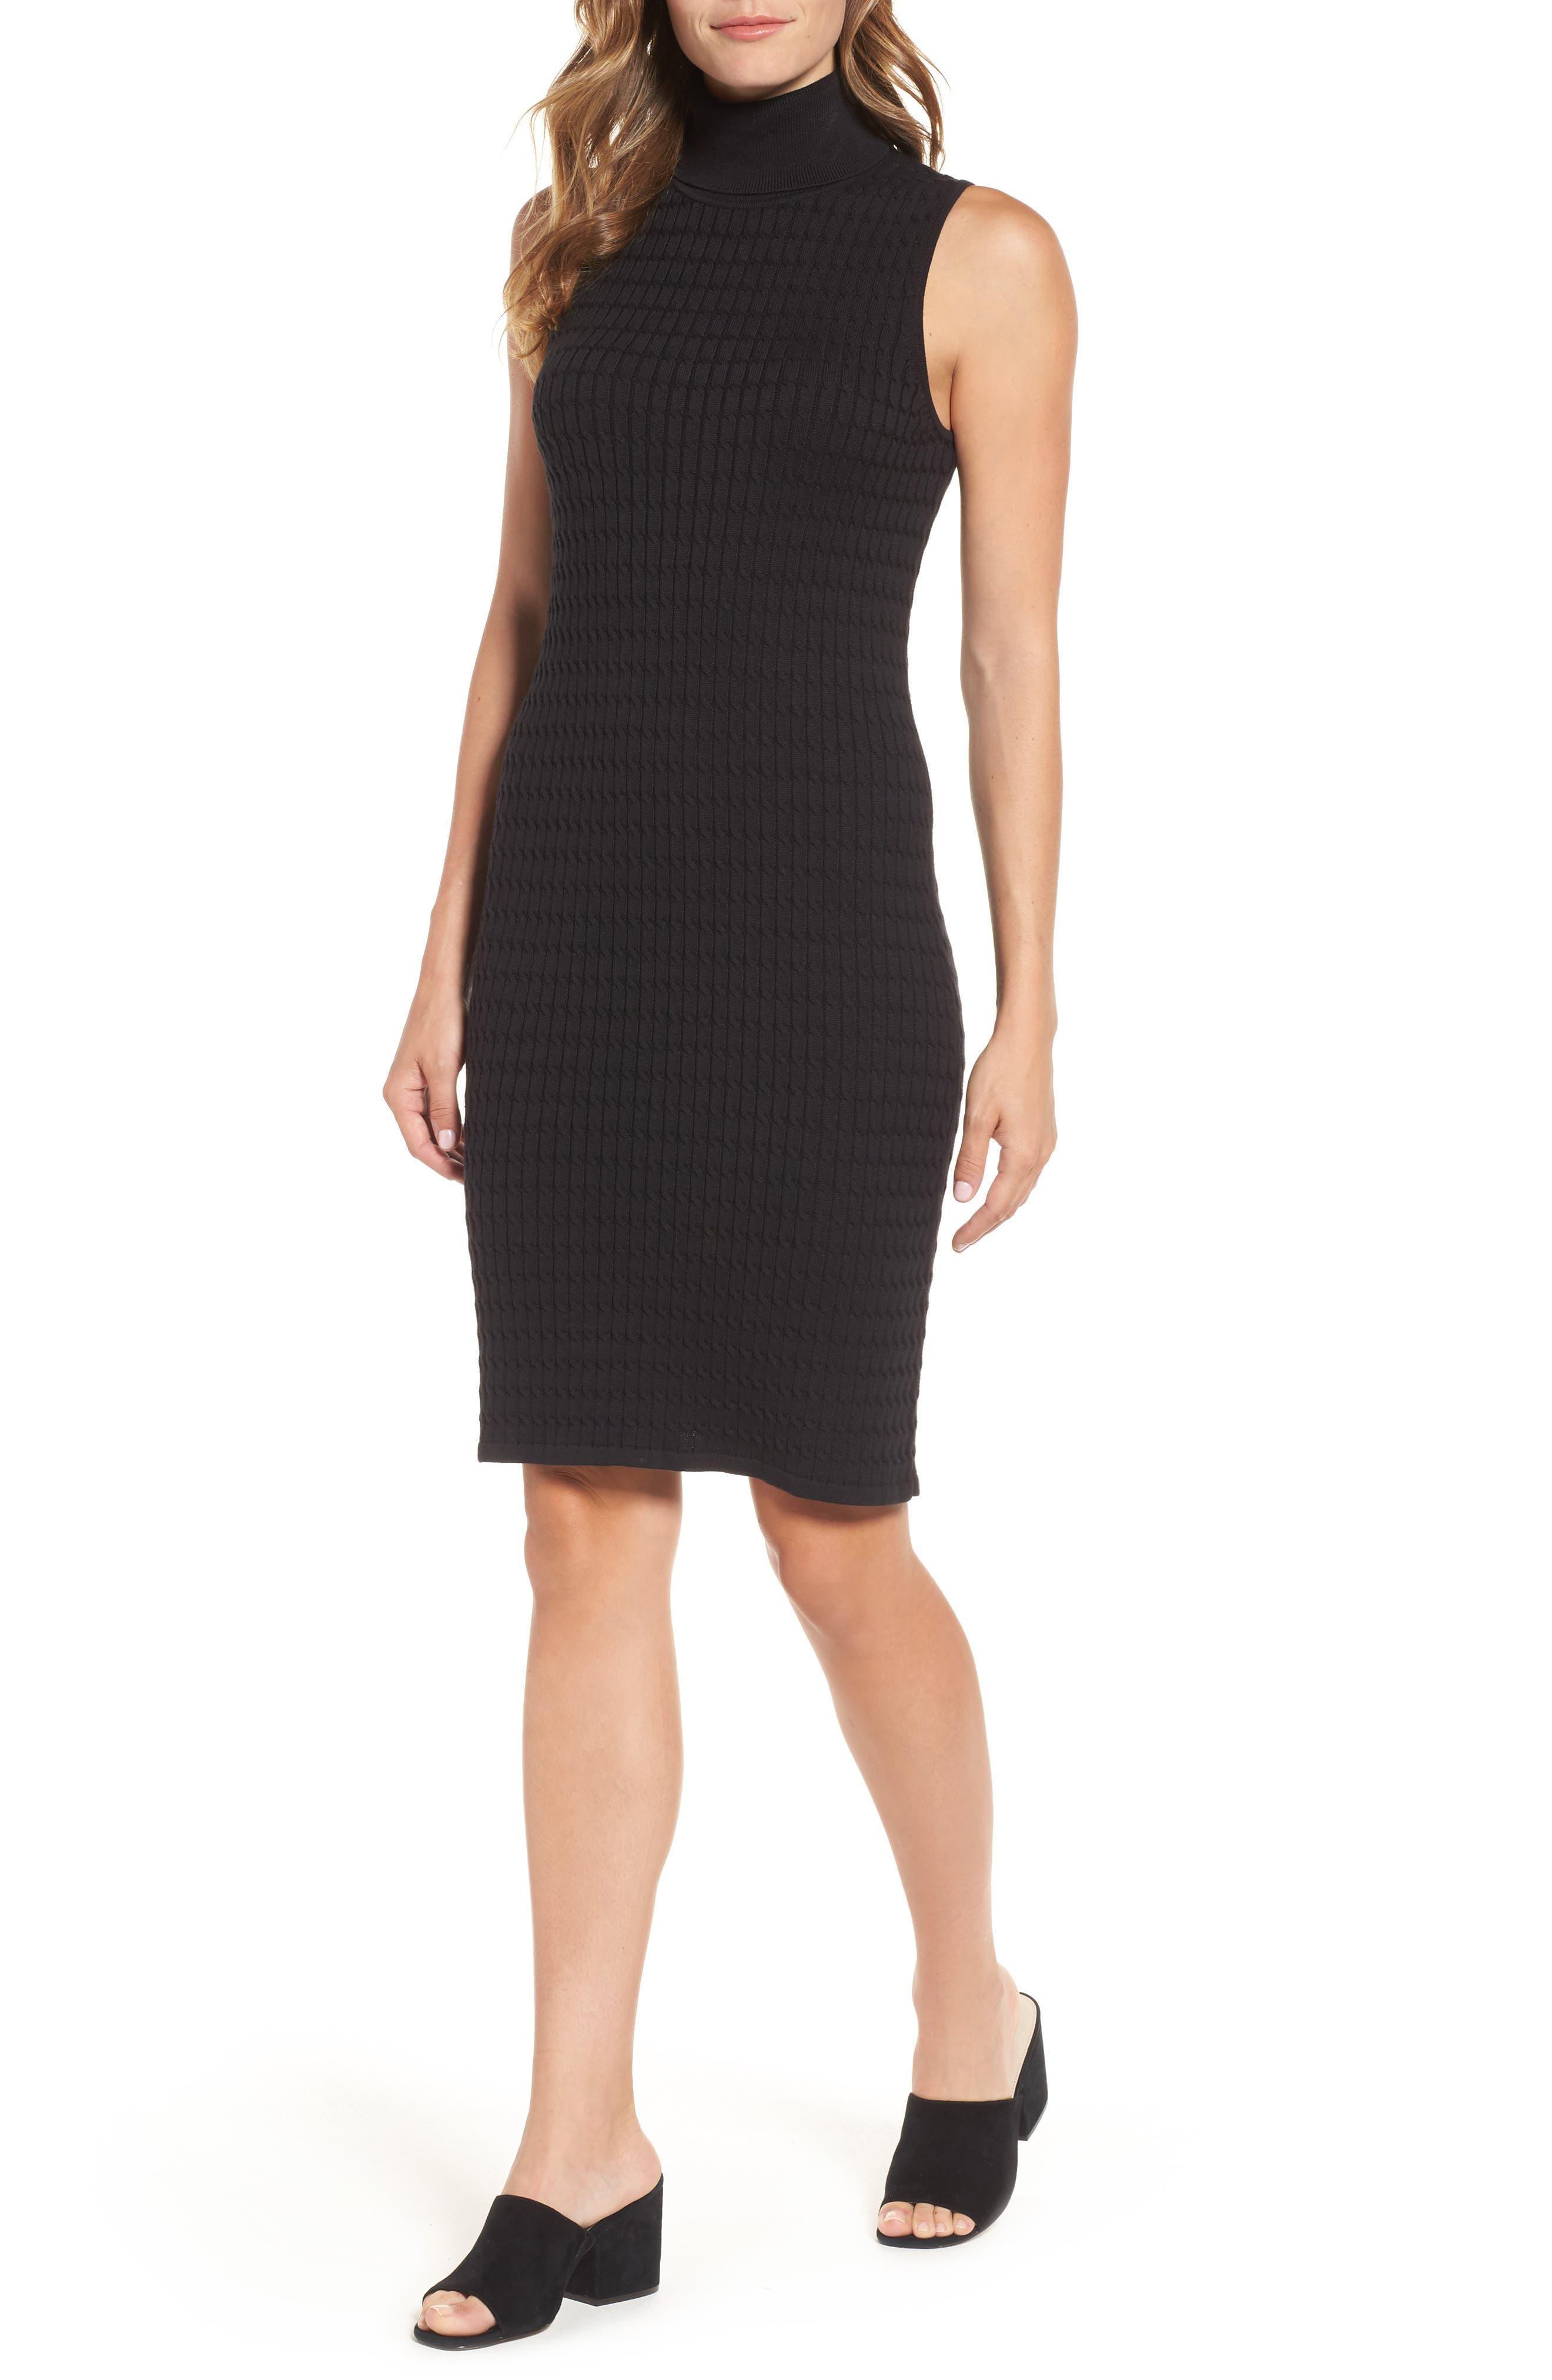 Main Image - Tommy Bahama Sleeveless Turtleneck Dress